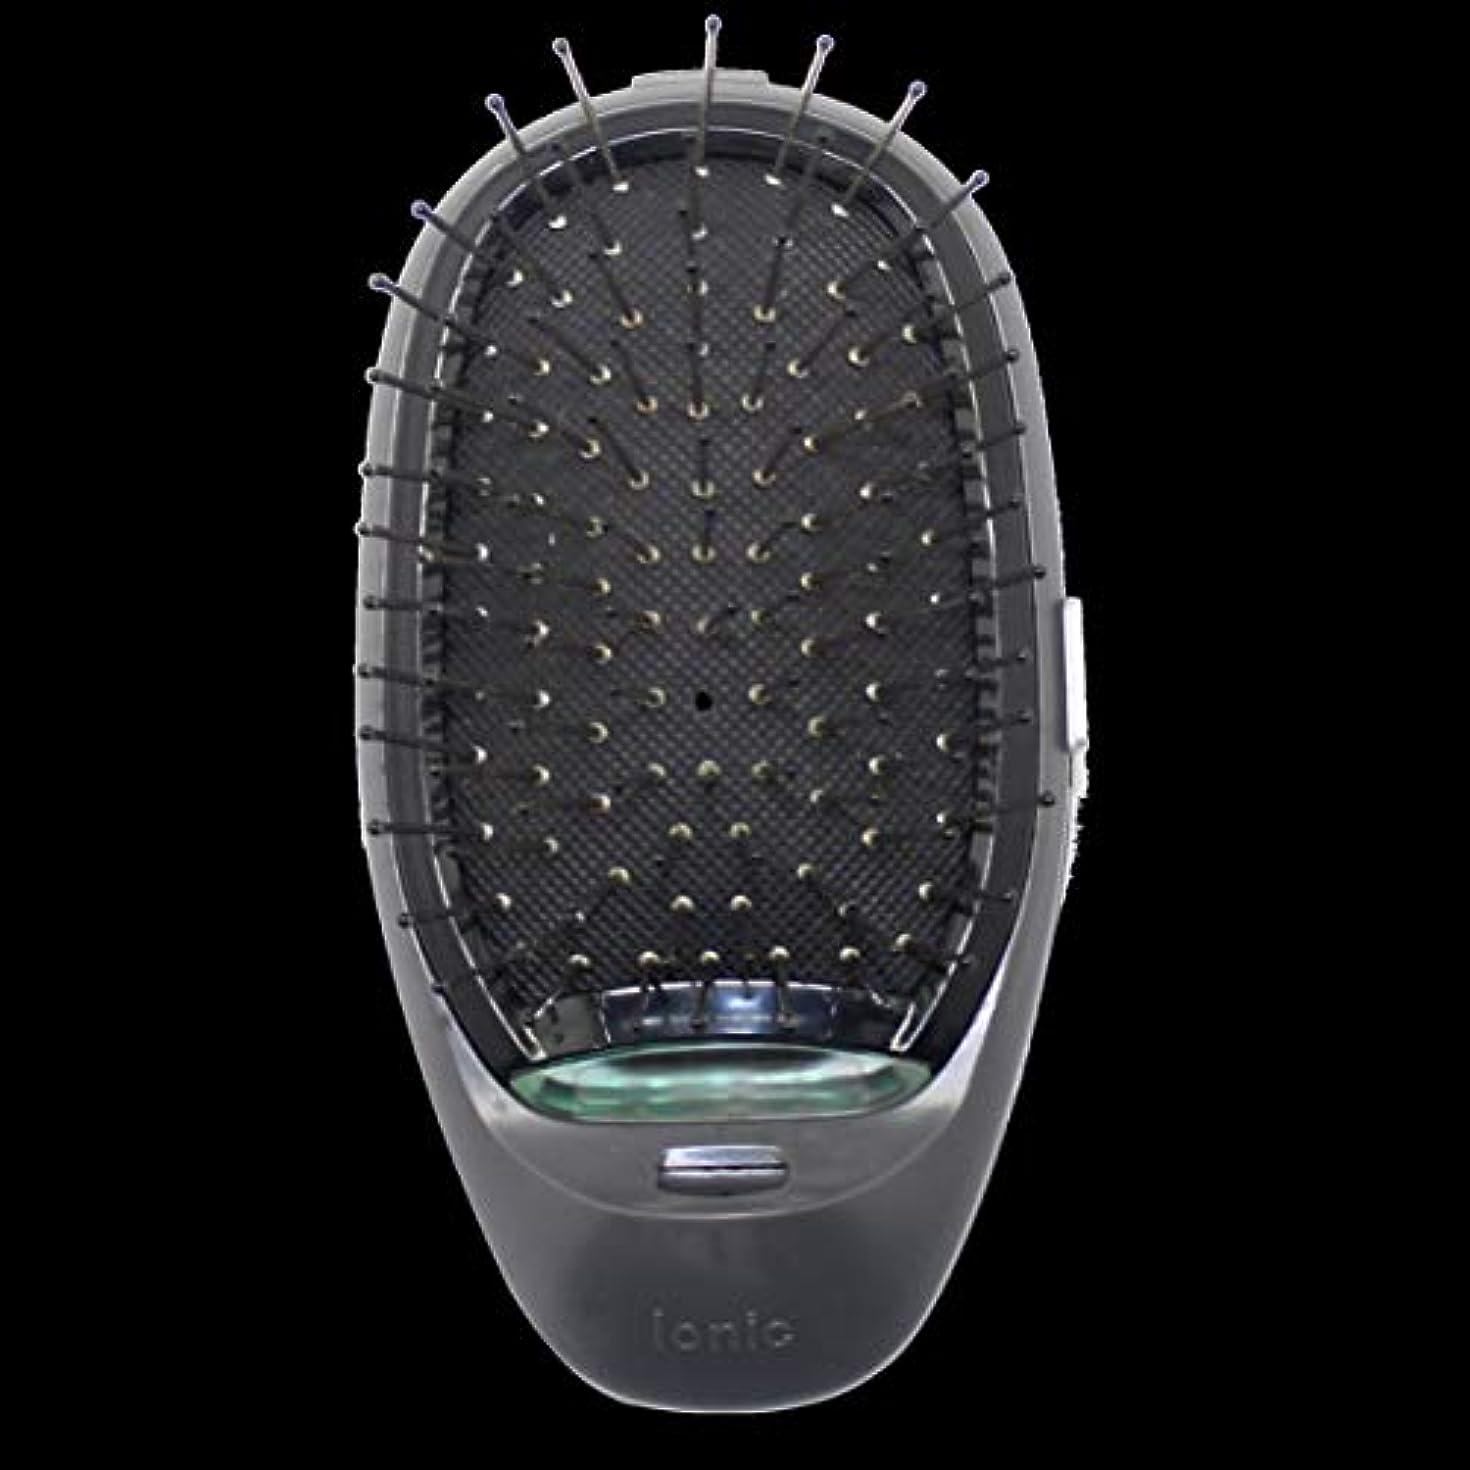 知り合い満了バッフル電動マッサージヘアブラシミニマイナスイオンヘアコム3Dインフレータブルコーム帯電防止ガールズヘアブラシ電池式 - ブラック